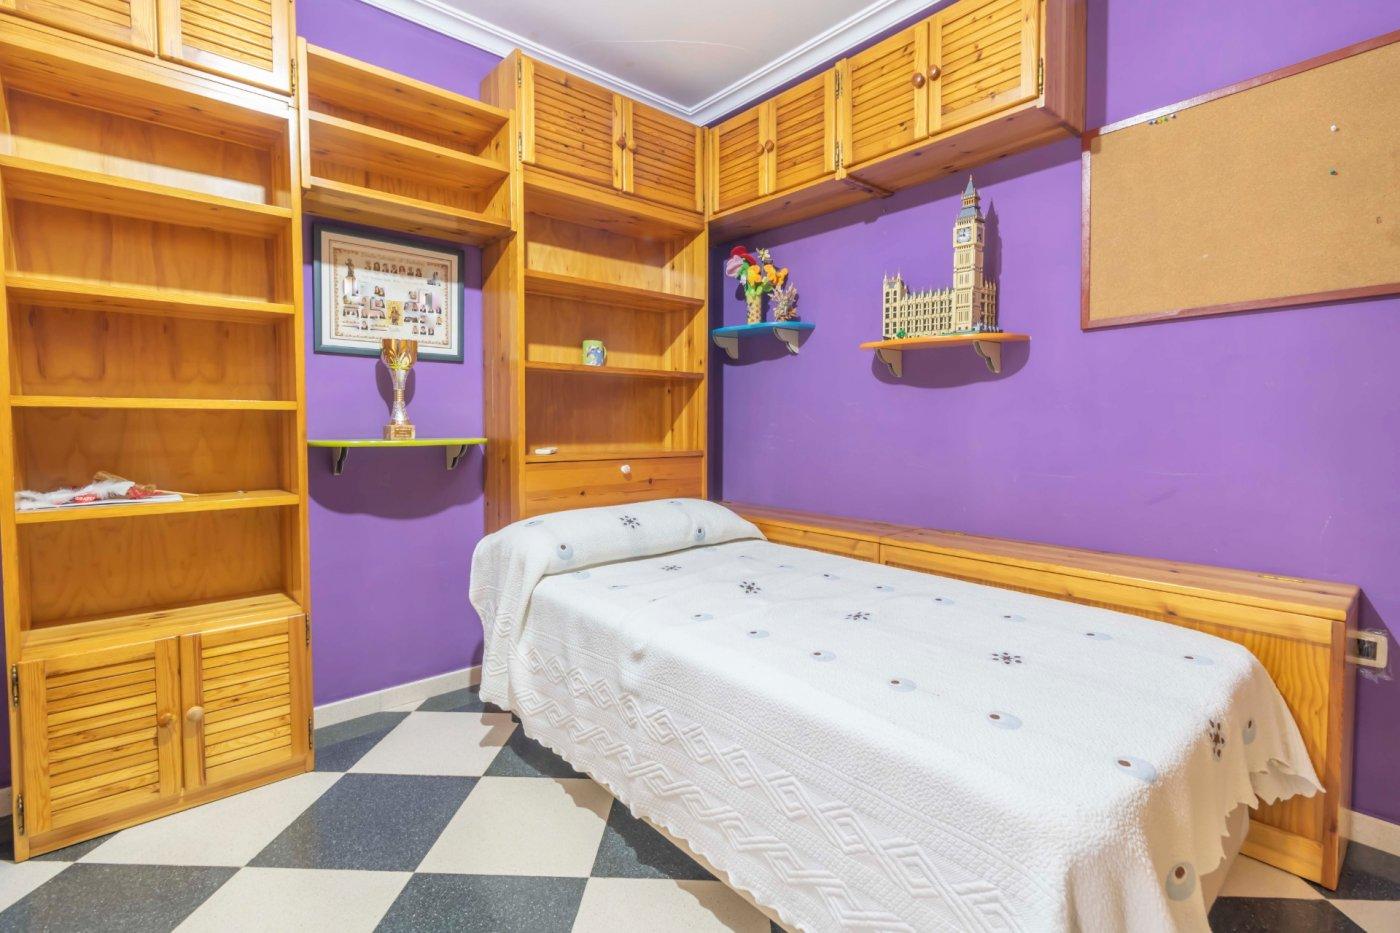 Casa a la venta en zona padre pÍo - imagenInmueble29